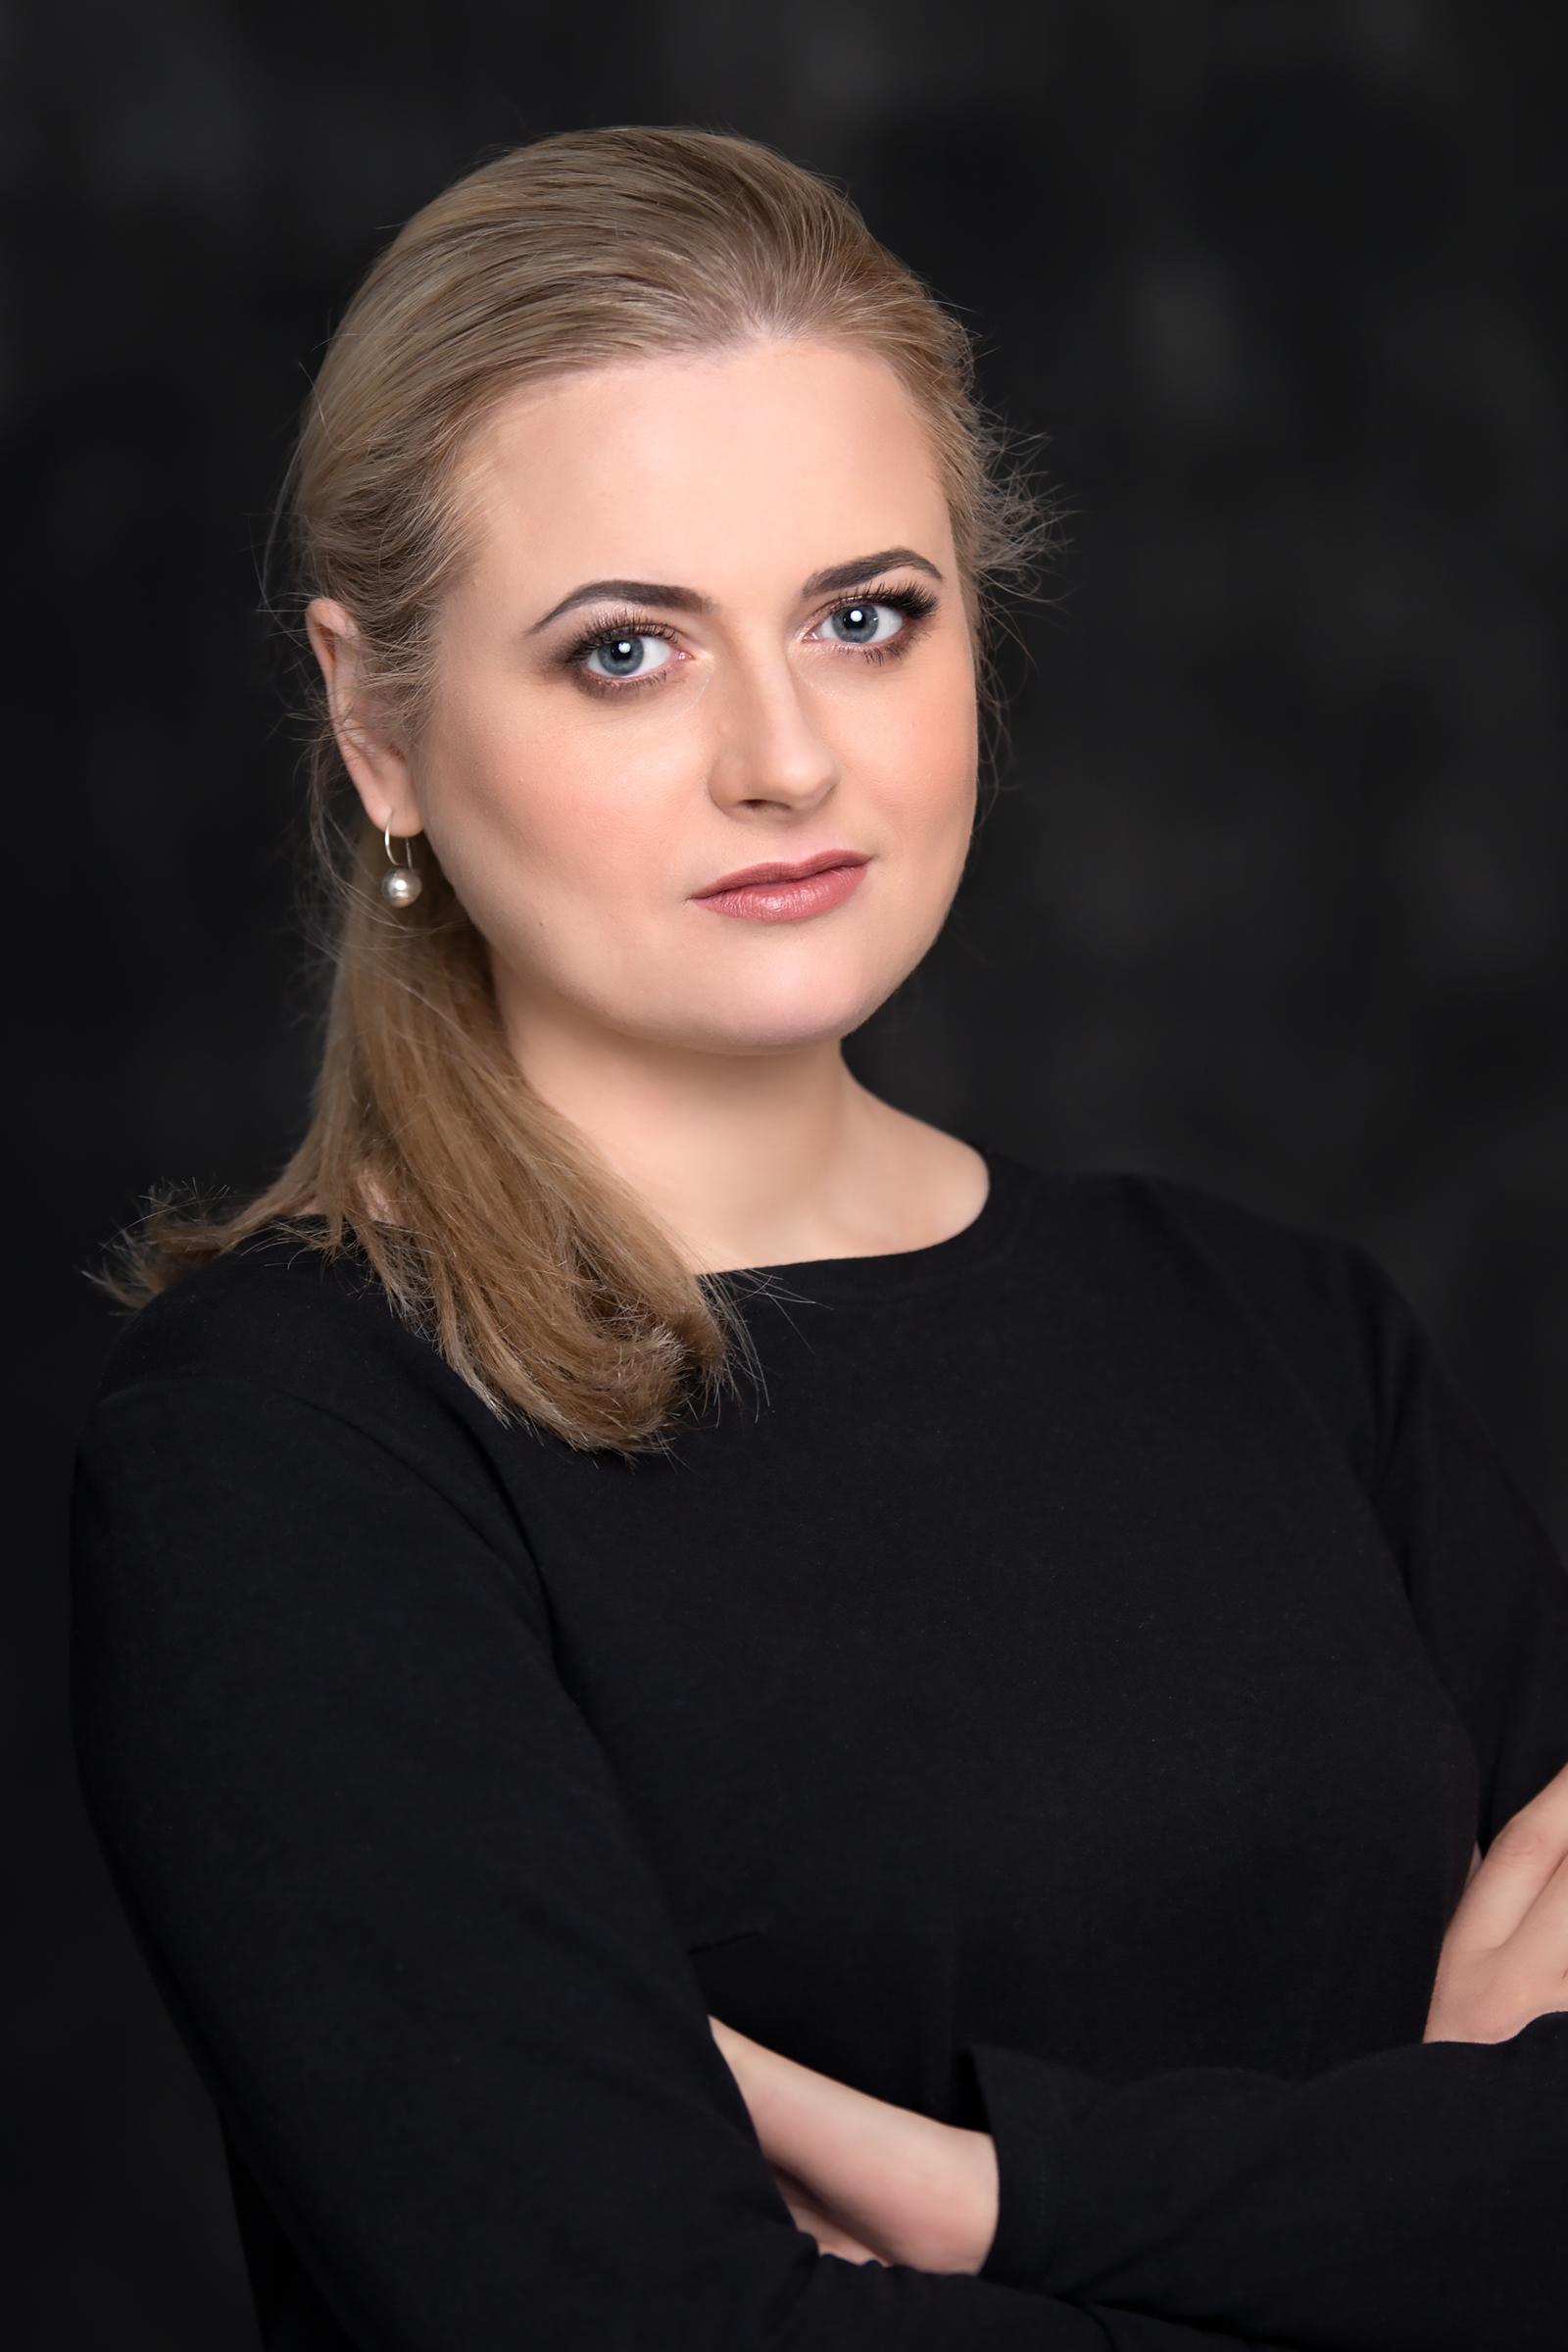 Anžela Možeiko